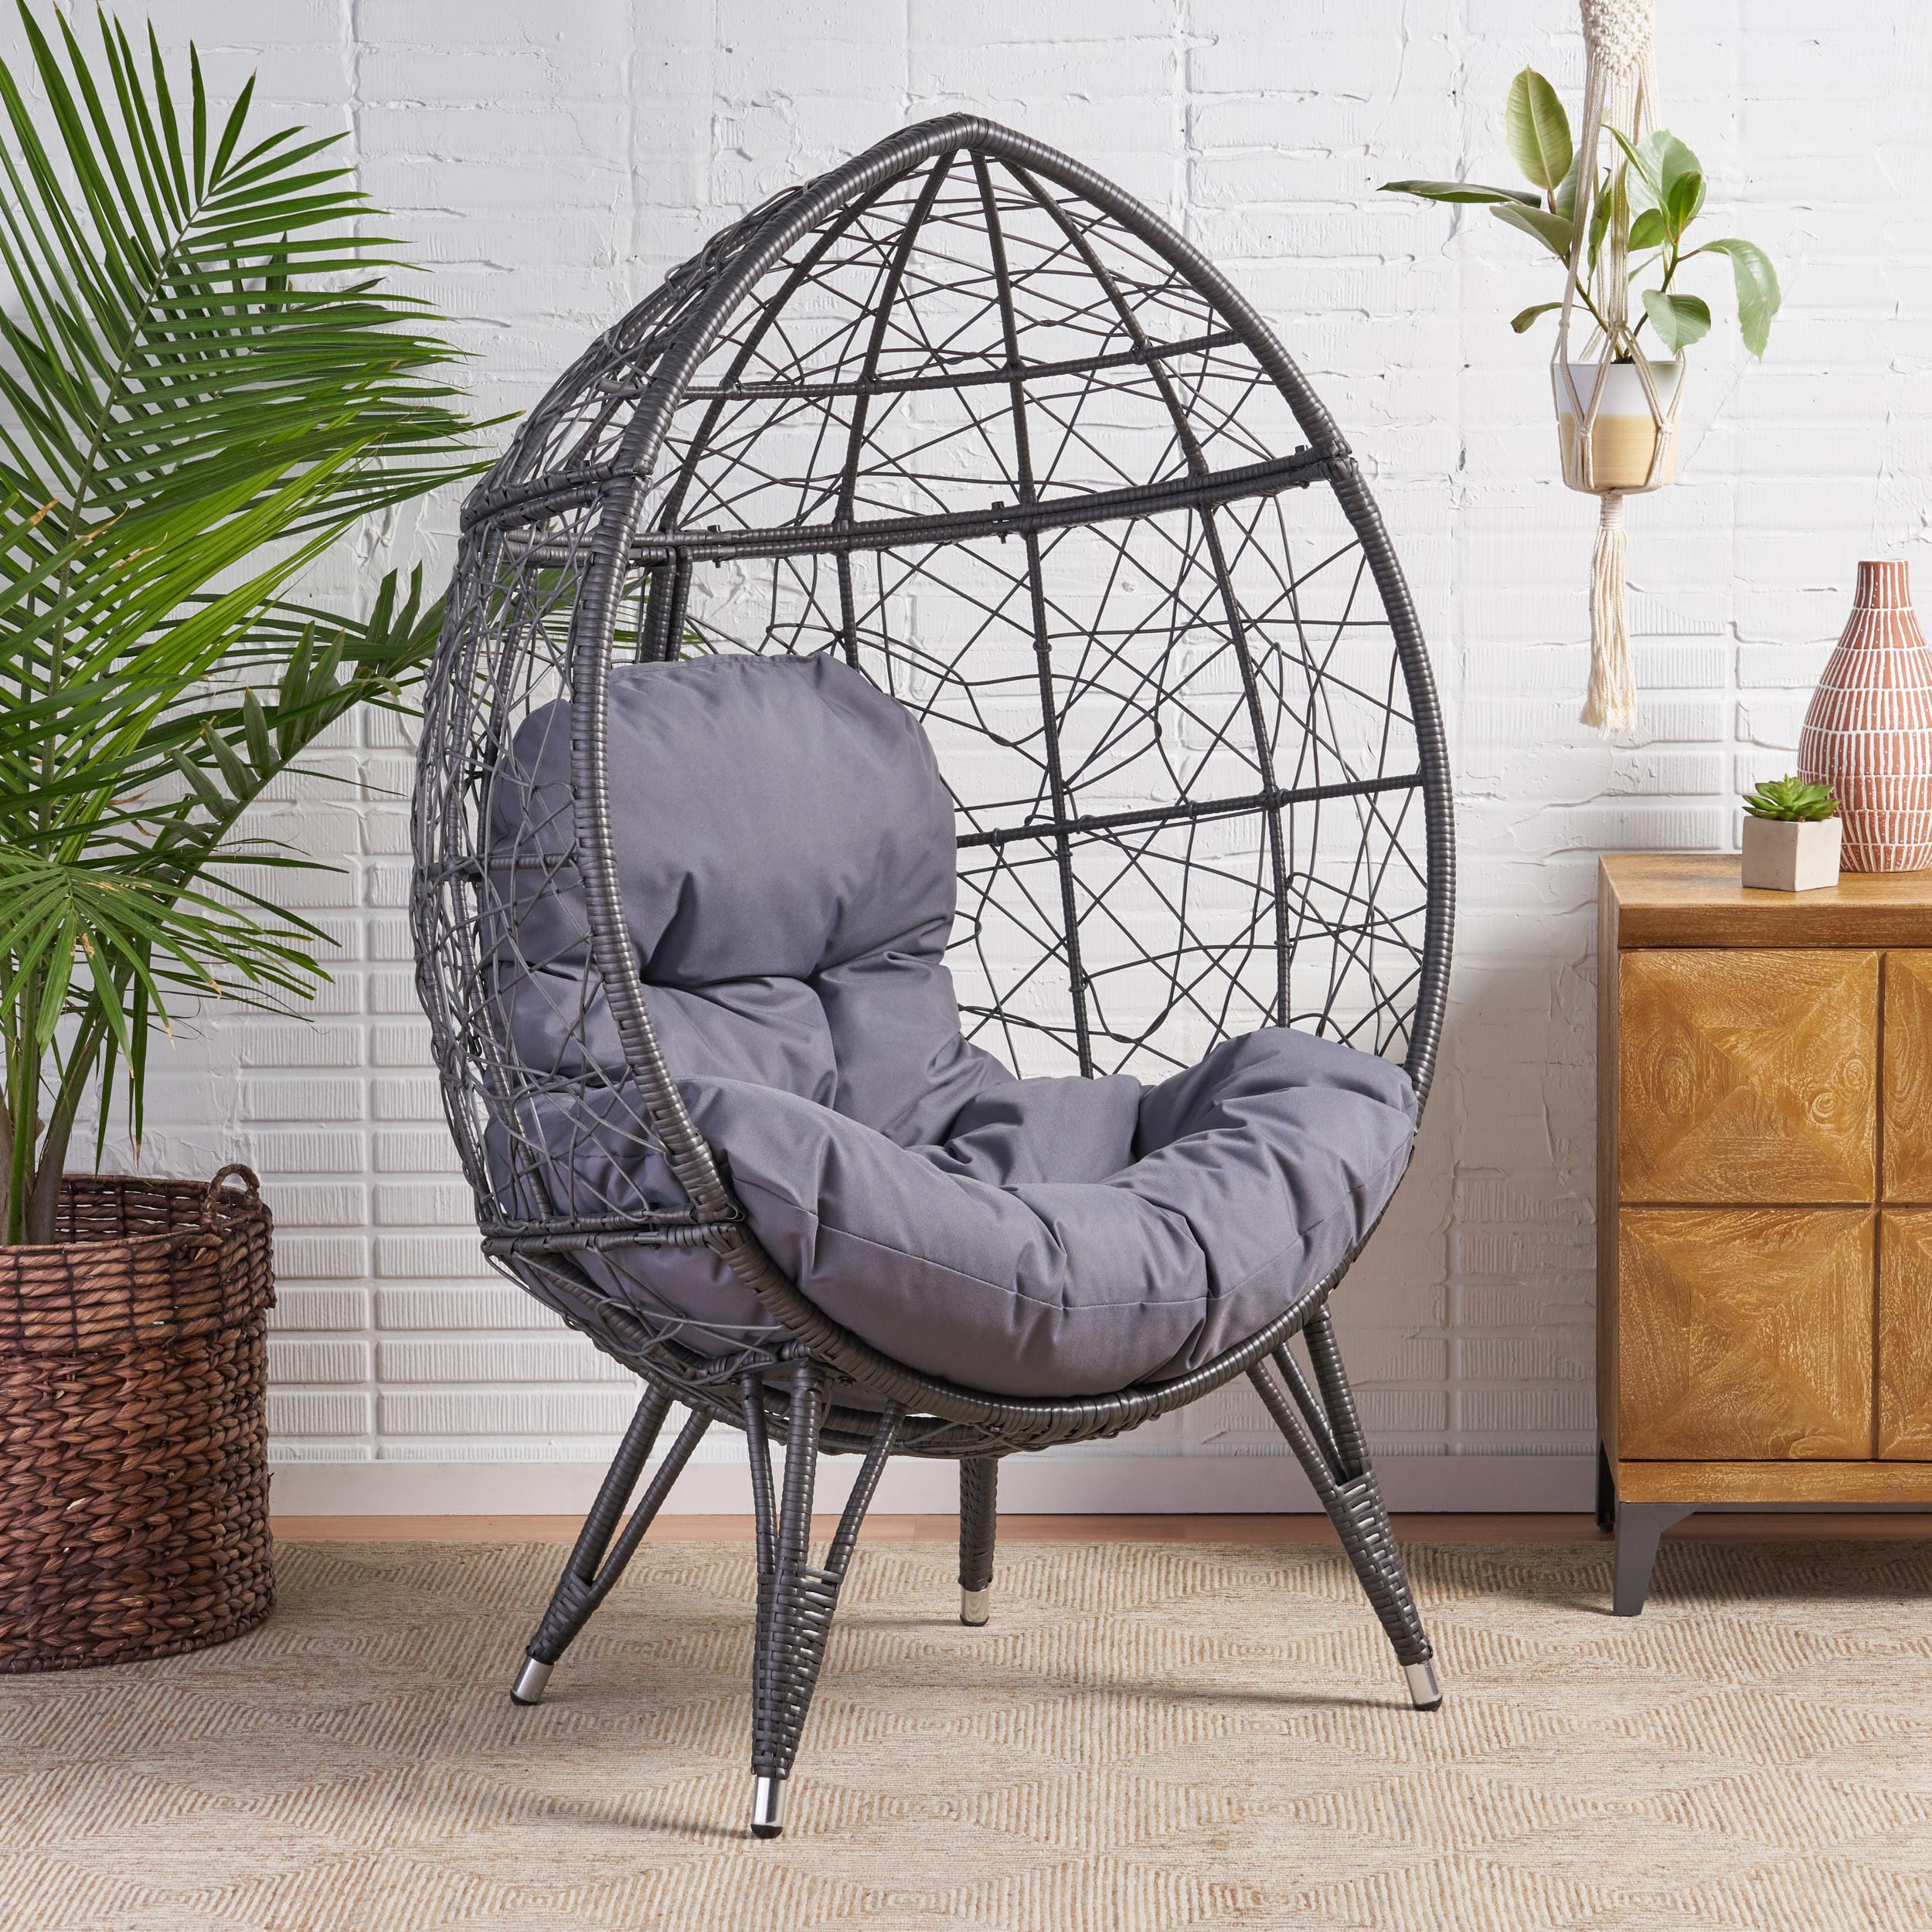 wicker teardrop chair in gray